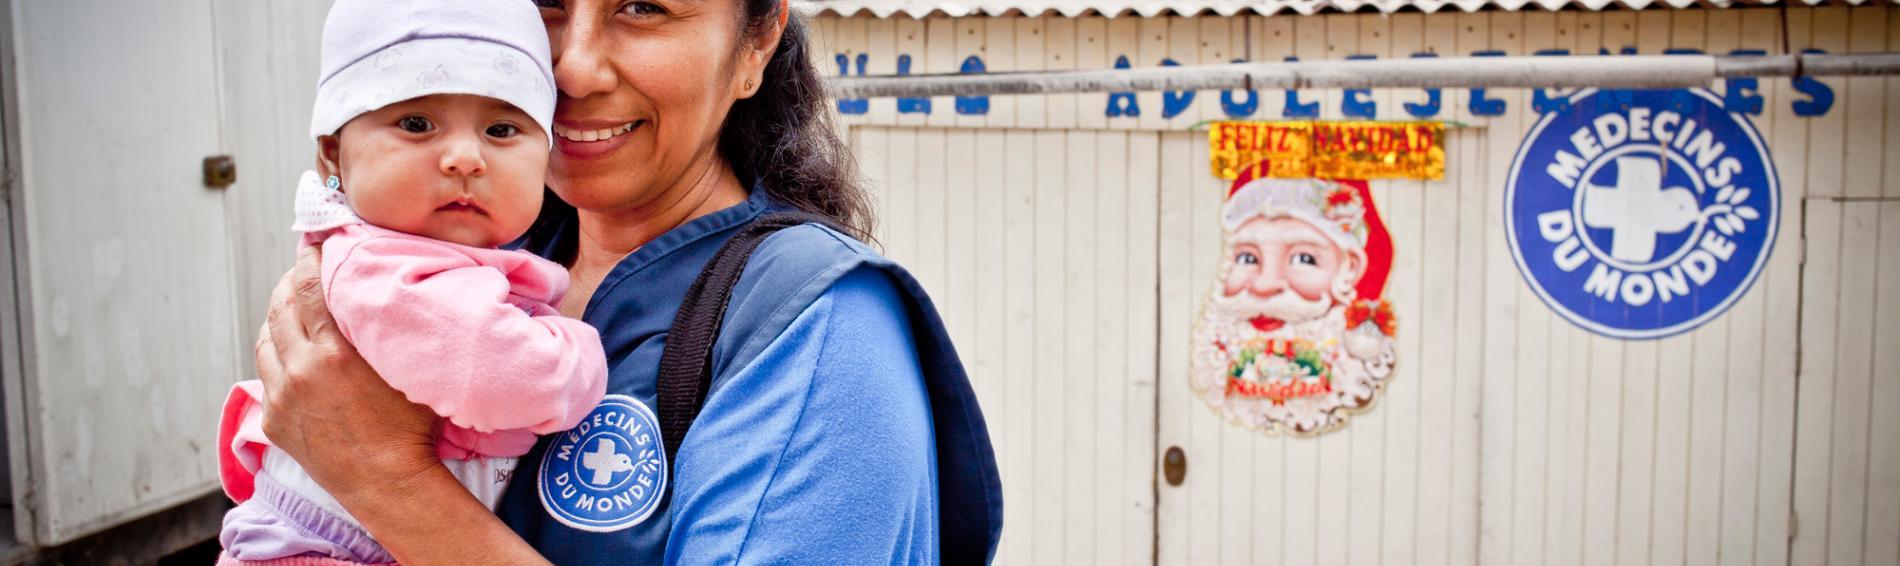 Peru, Ärzte der Welt leistet medizinische Hilfe für schwangerer Frauen. Foto: Nicolas Moulard